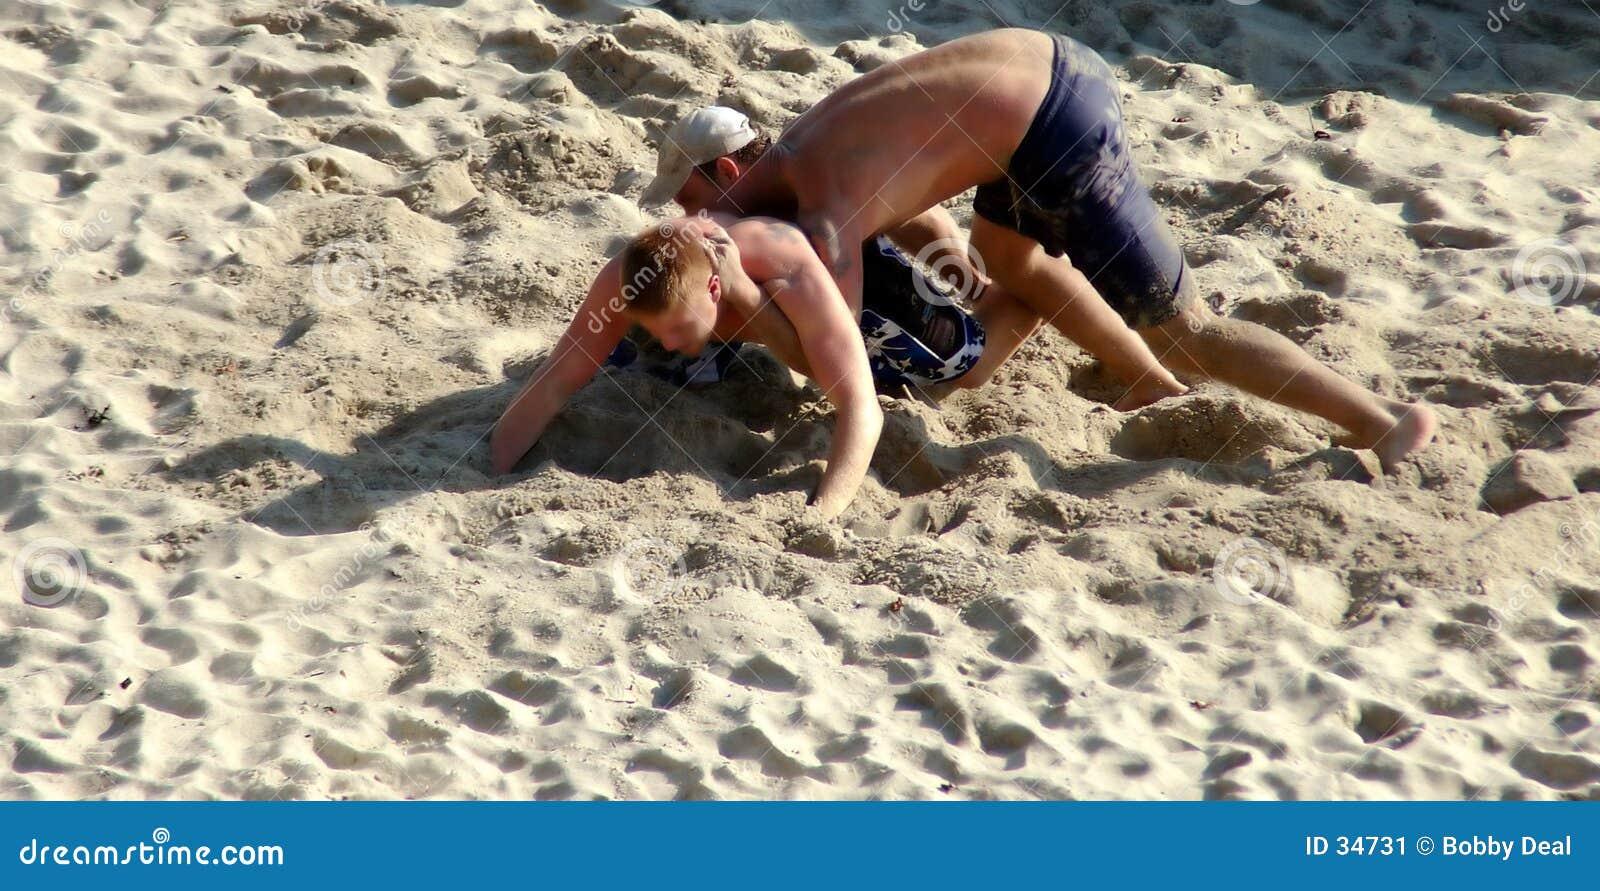 沙子摔跤手